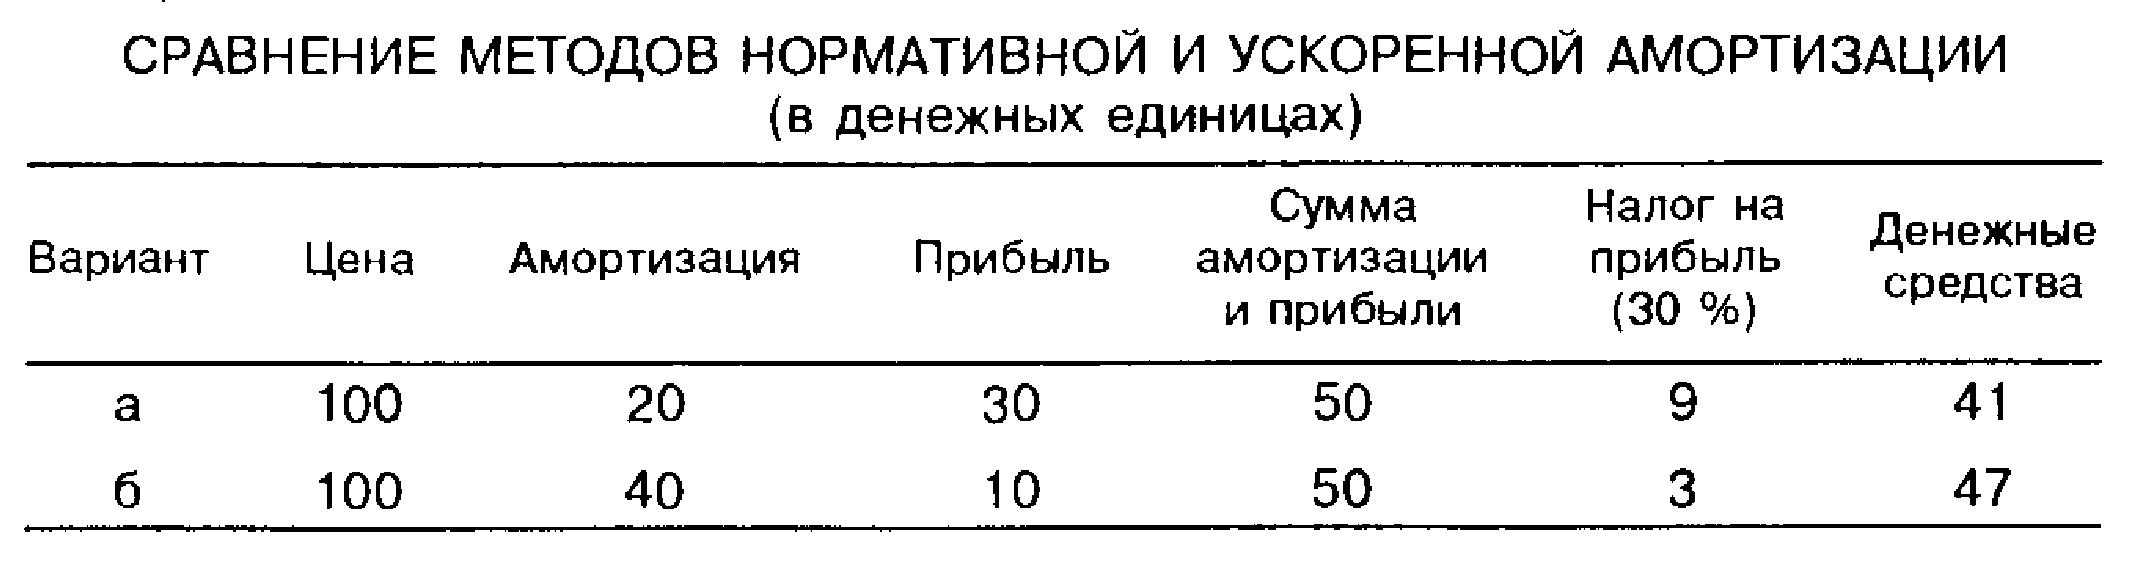 Сравнение методов нормативной и ускоренной амортизации (в денежных единицах)